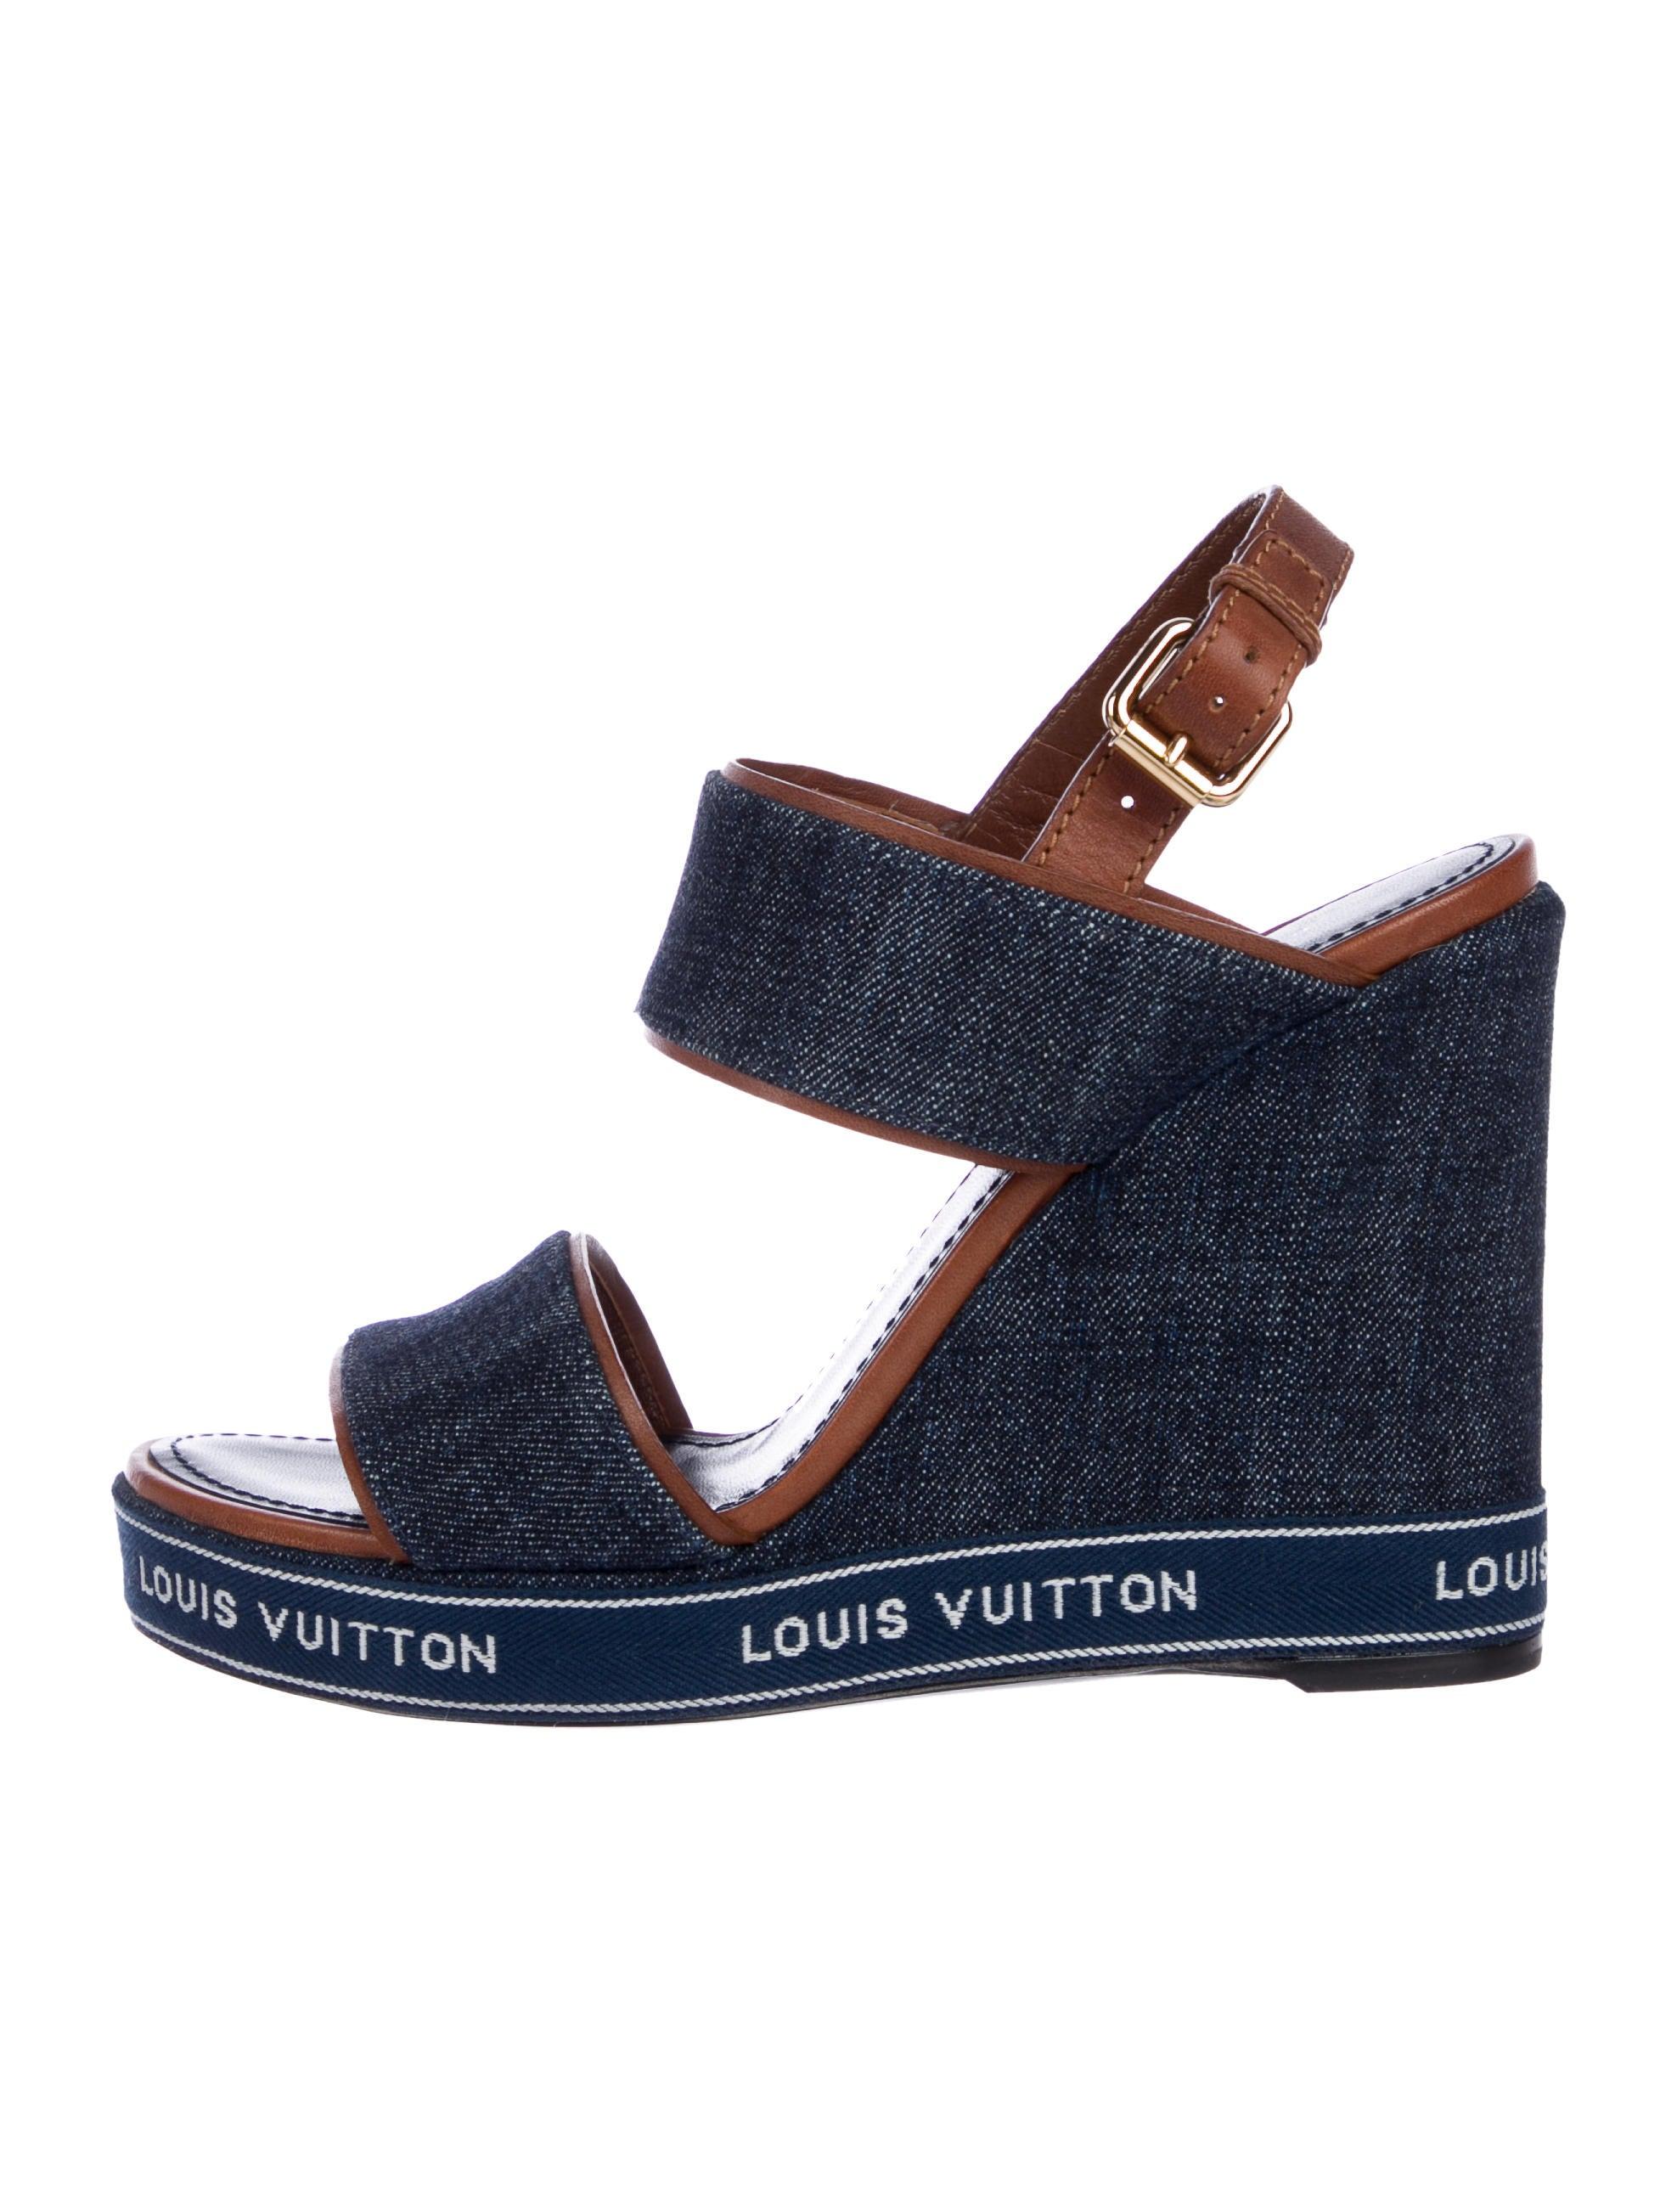 996ab6bb0326 Louis Vuitton